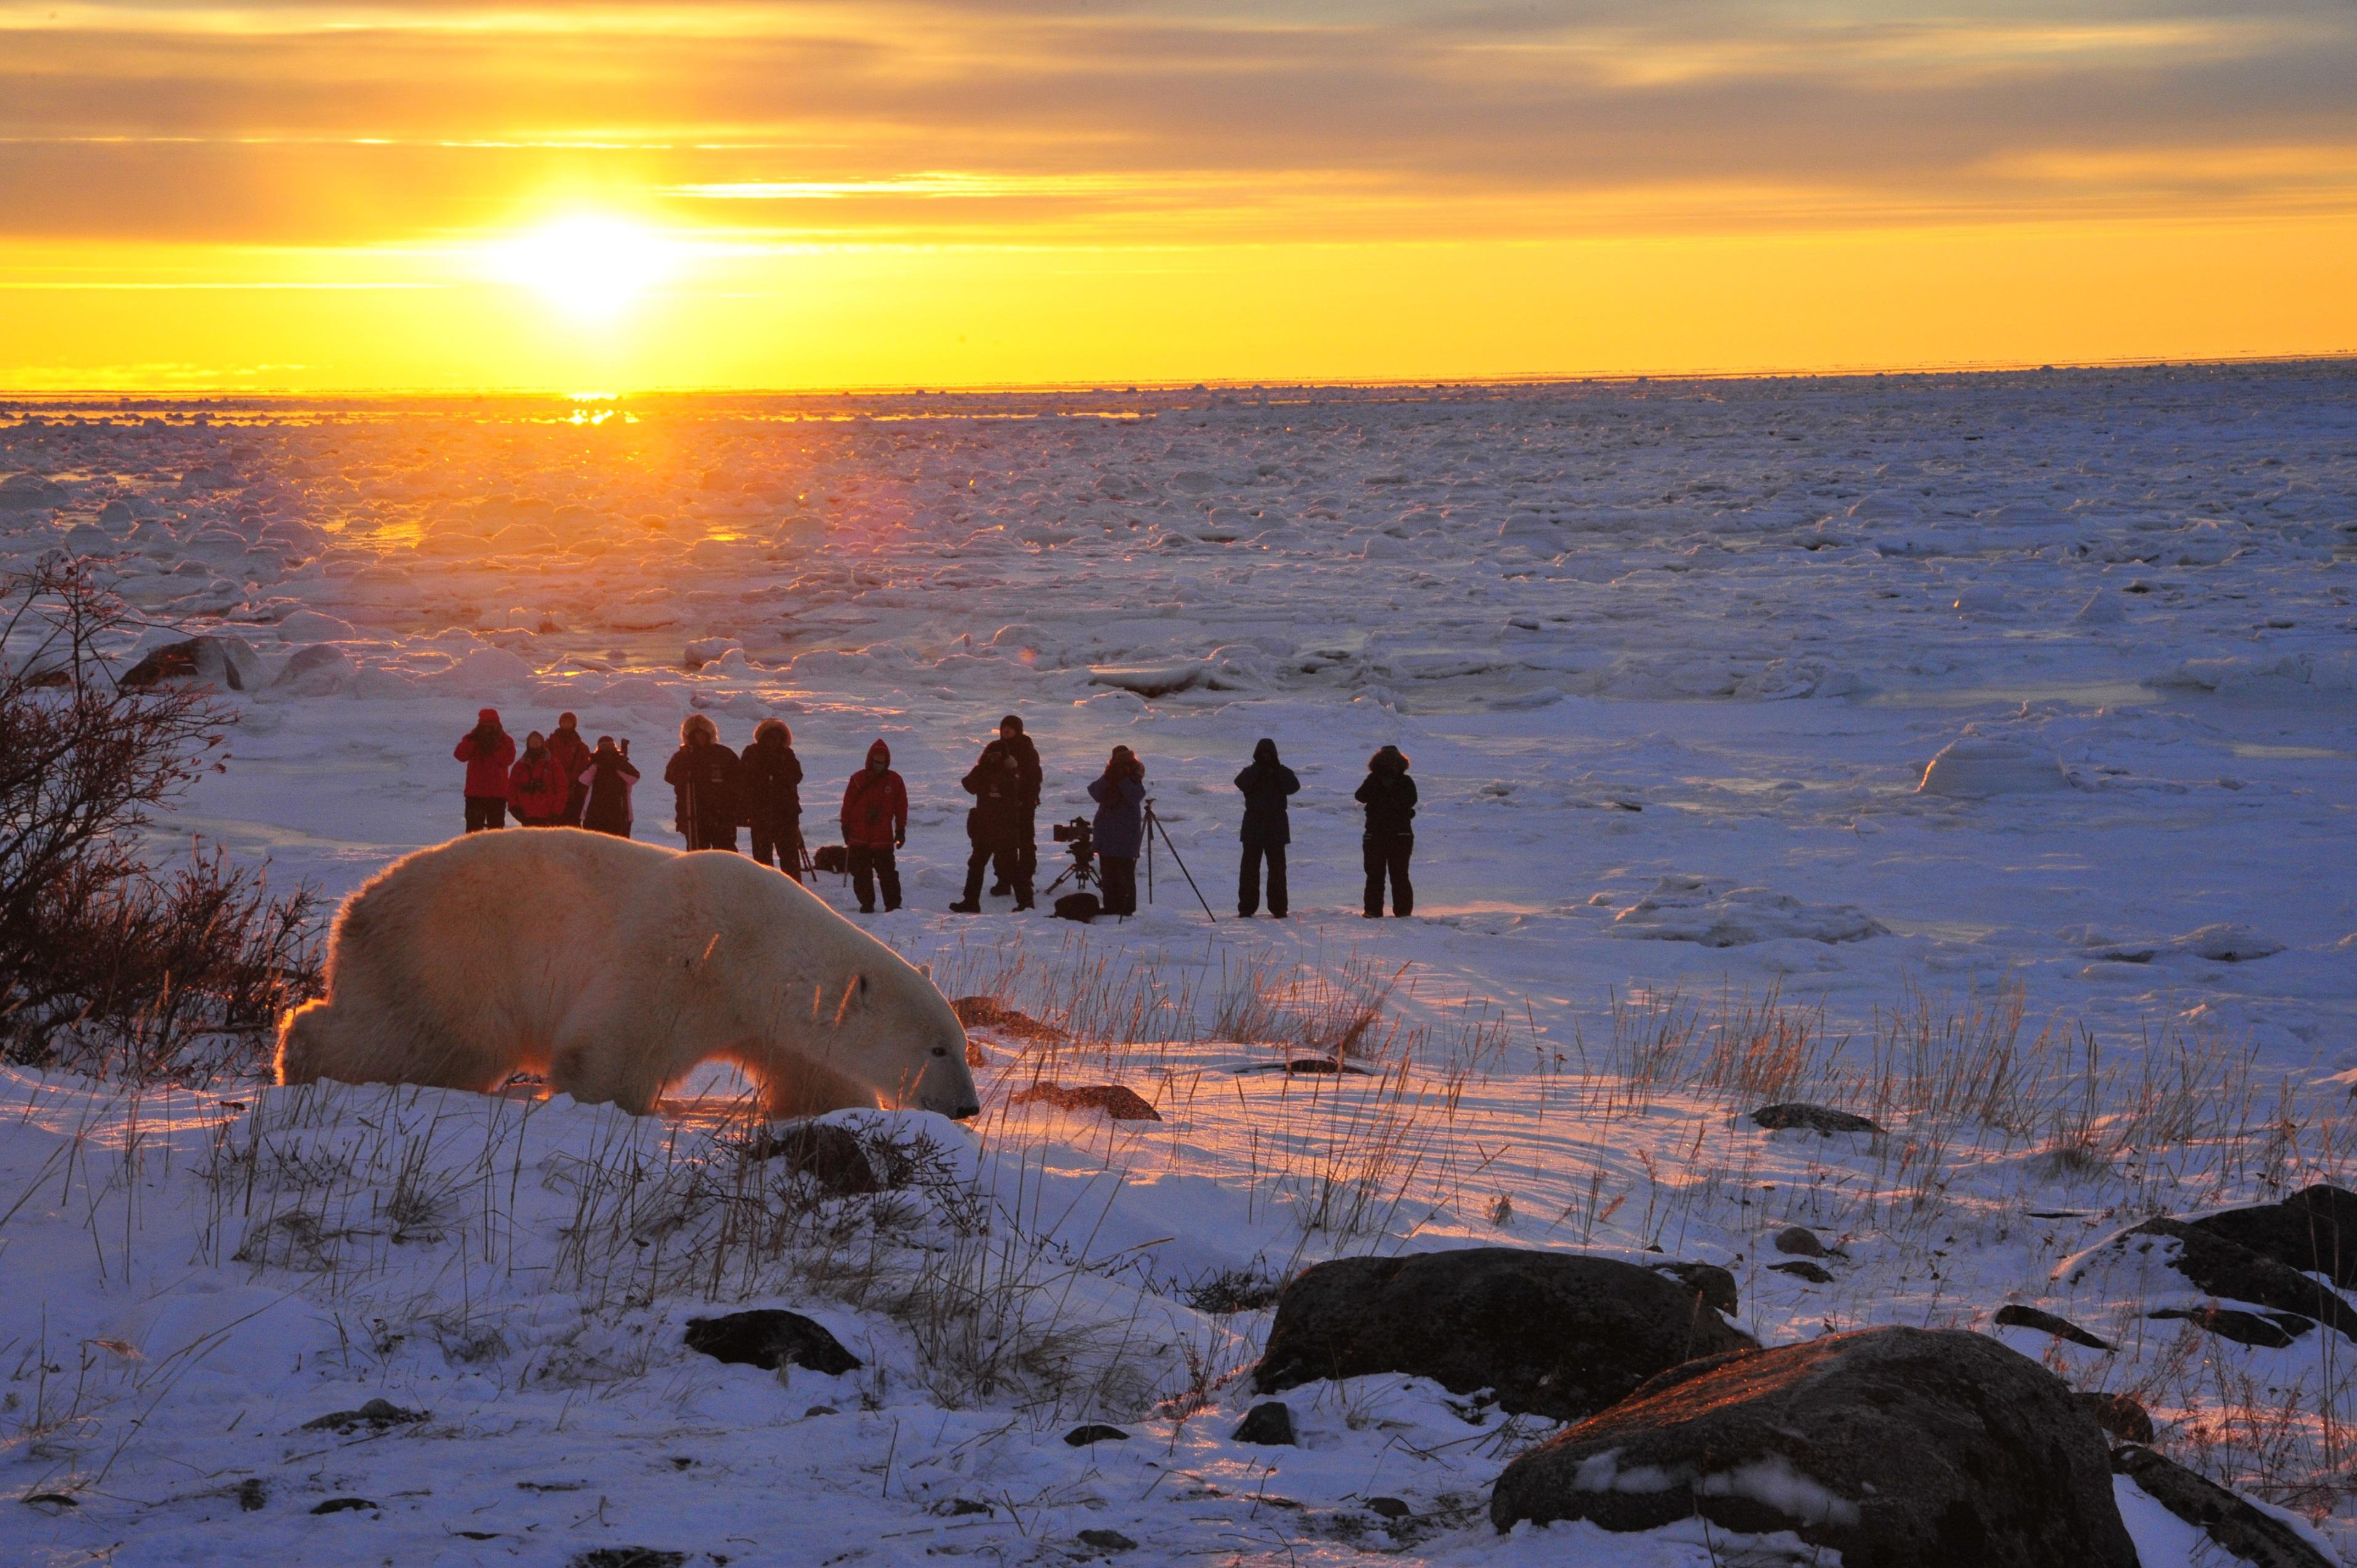 Sunset bear_Courtesy of Churchill Wild, photo by Ian Johnson